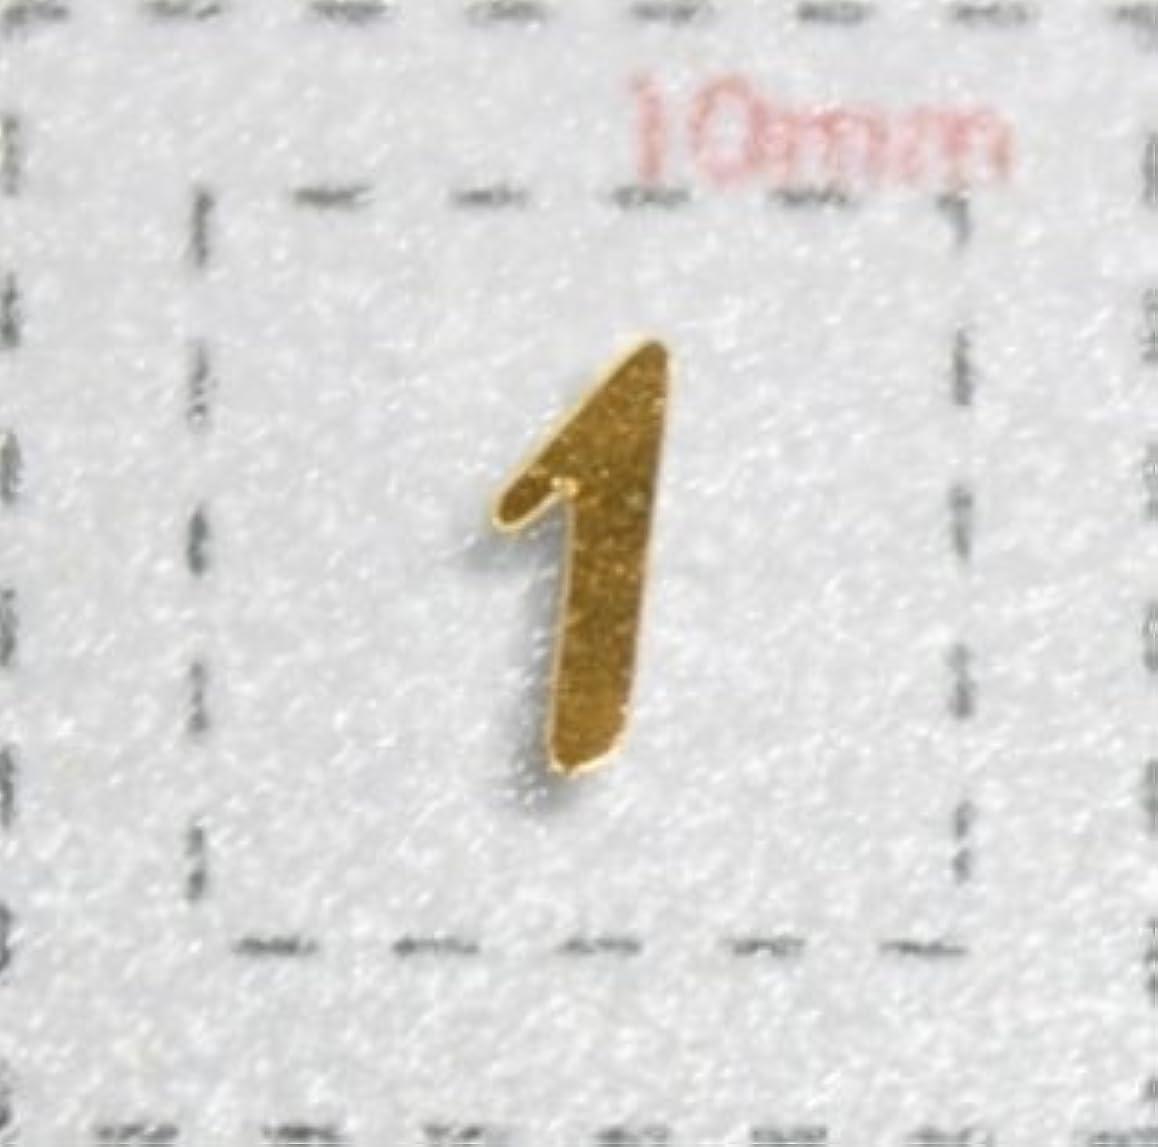 忘れられない充実絶滅した【数字ネイルシール】1筆記体《1》ゴールド/1シート9枚